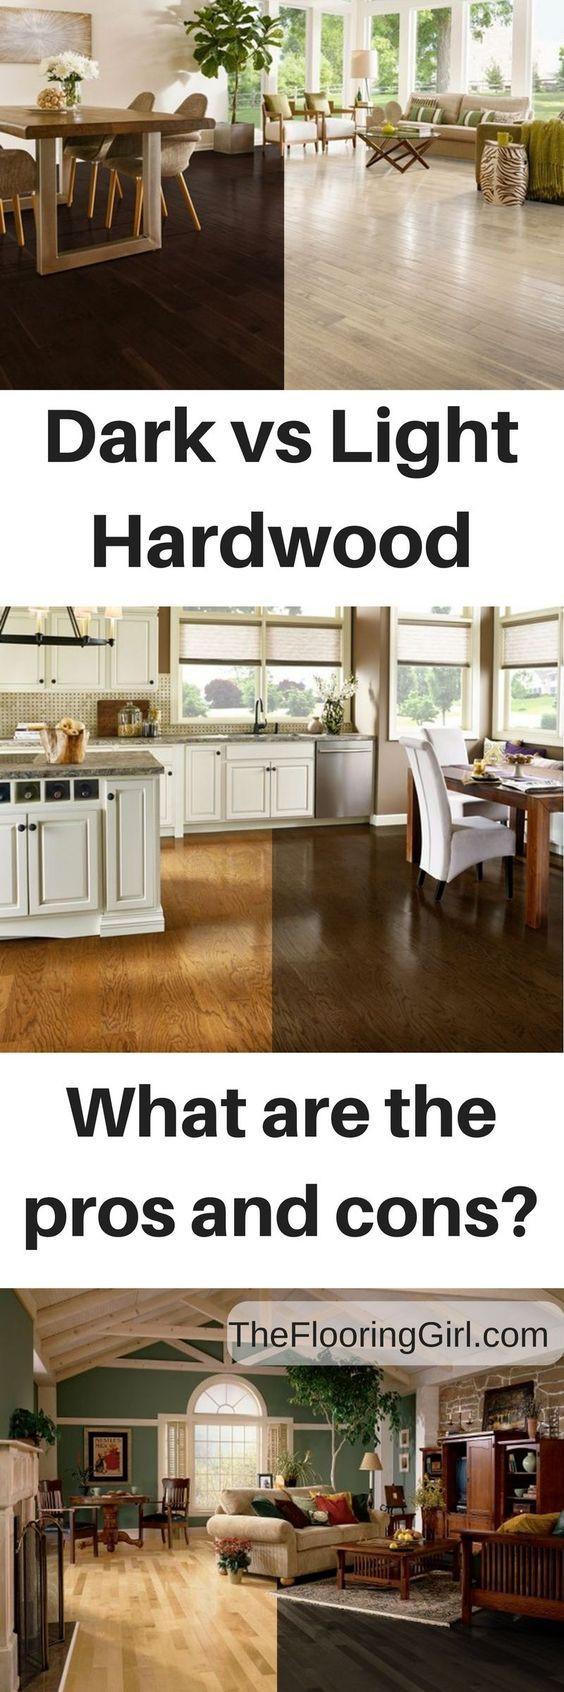 armstrong hardwood laminate floor cleaner of 276 best hardwood flooring images on pinterest flooring flooring intended for dark floors vs light floors pros and cons